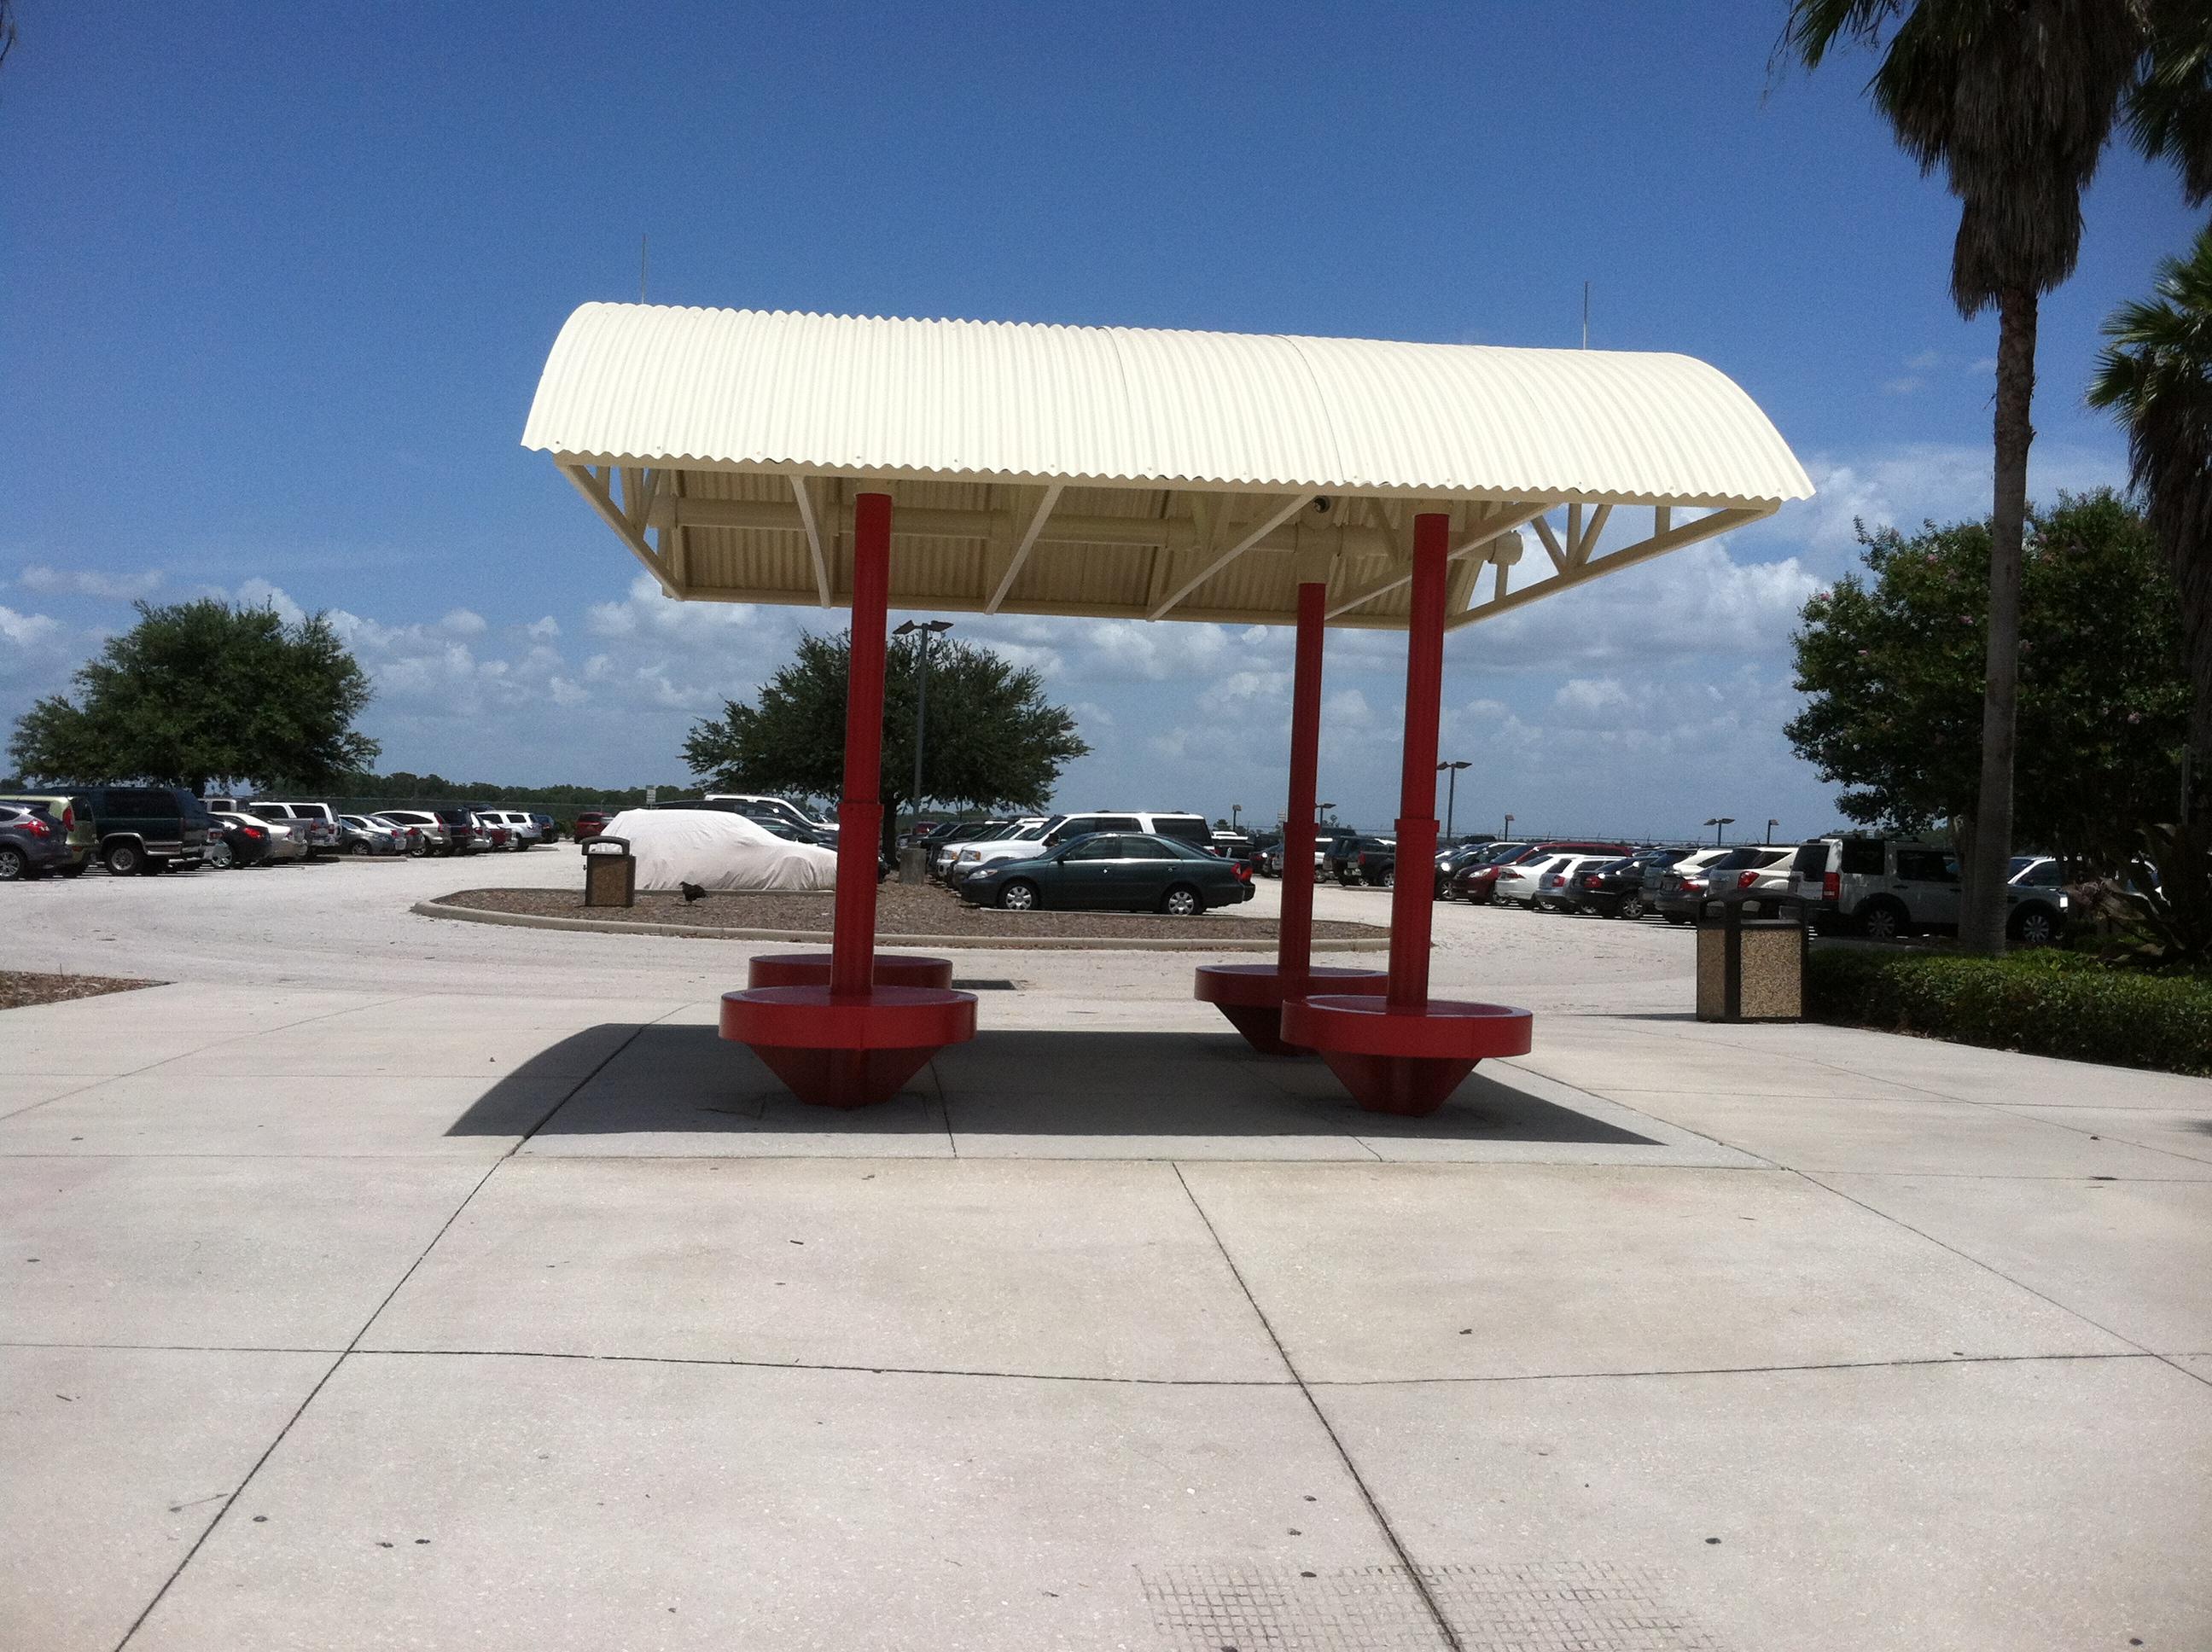 Orlando Intl Airport - Bus Stop